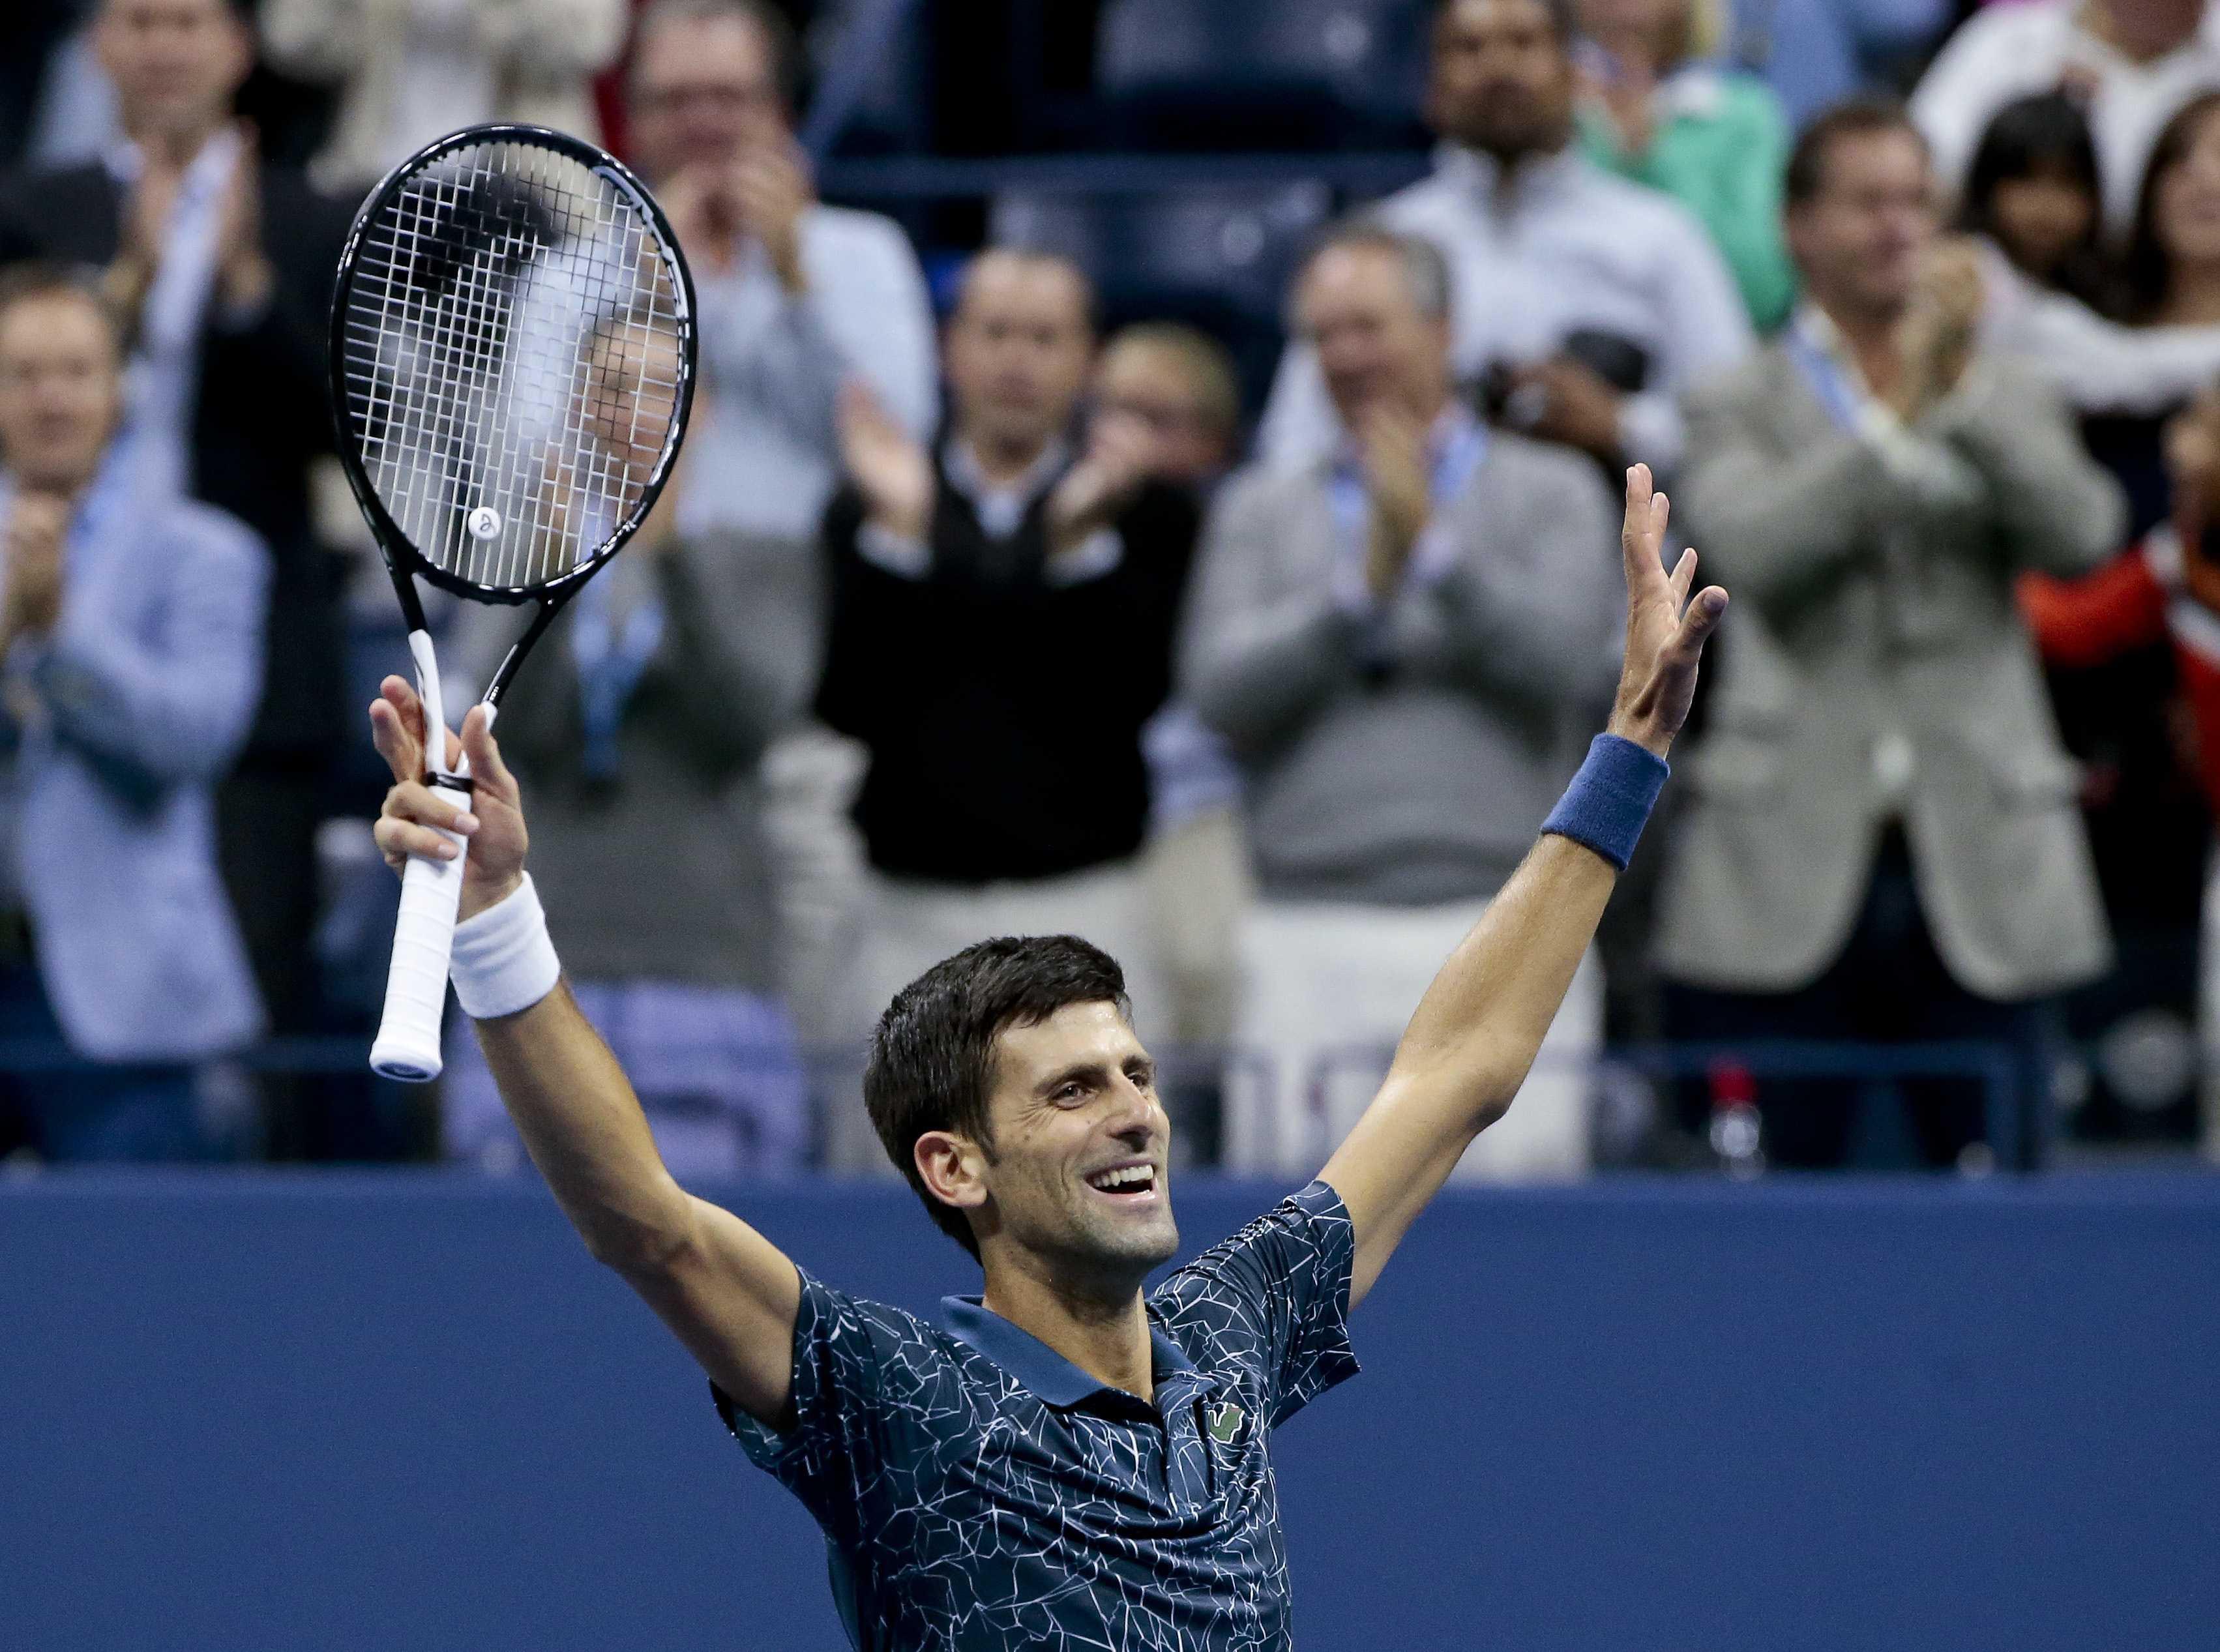 Djokovic tops del Potro for 3rd title at US Open, 14th Slam